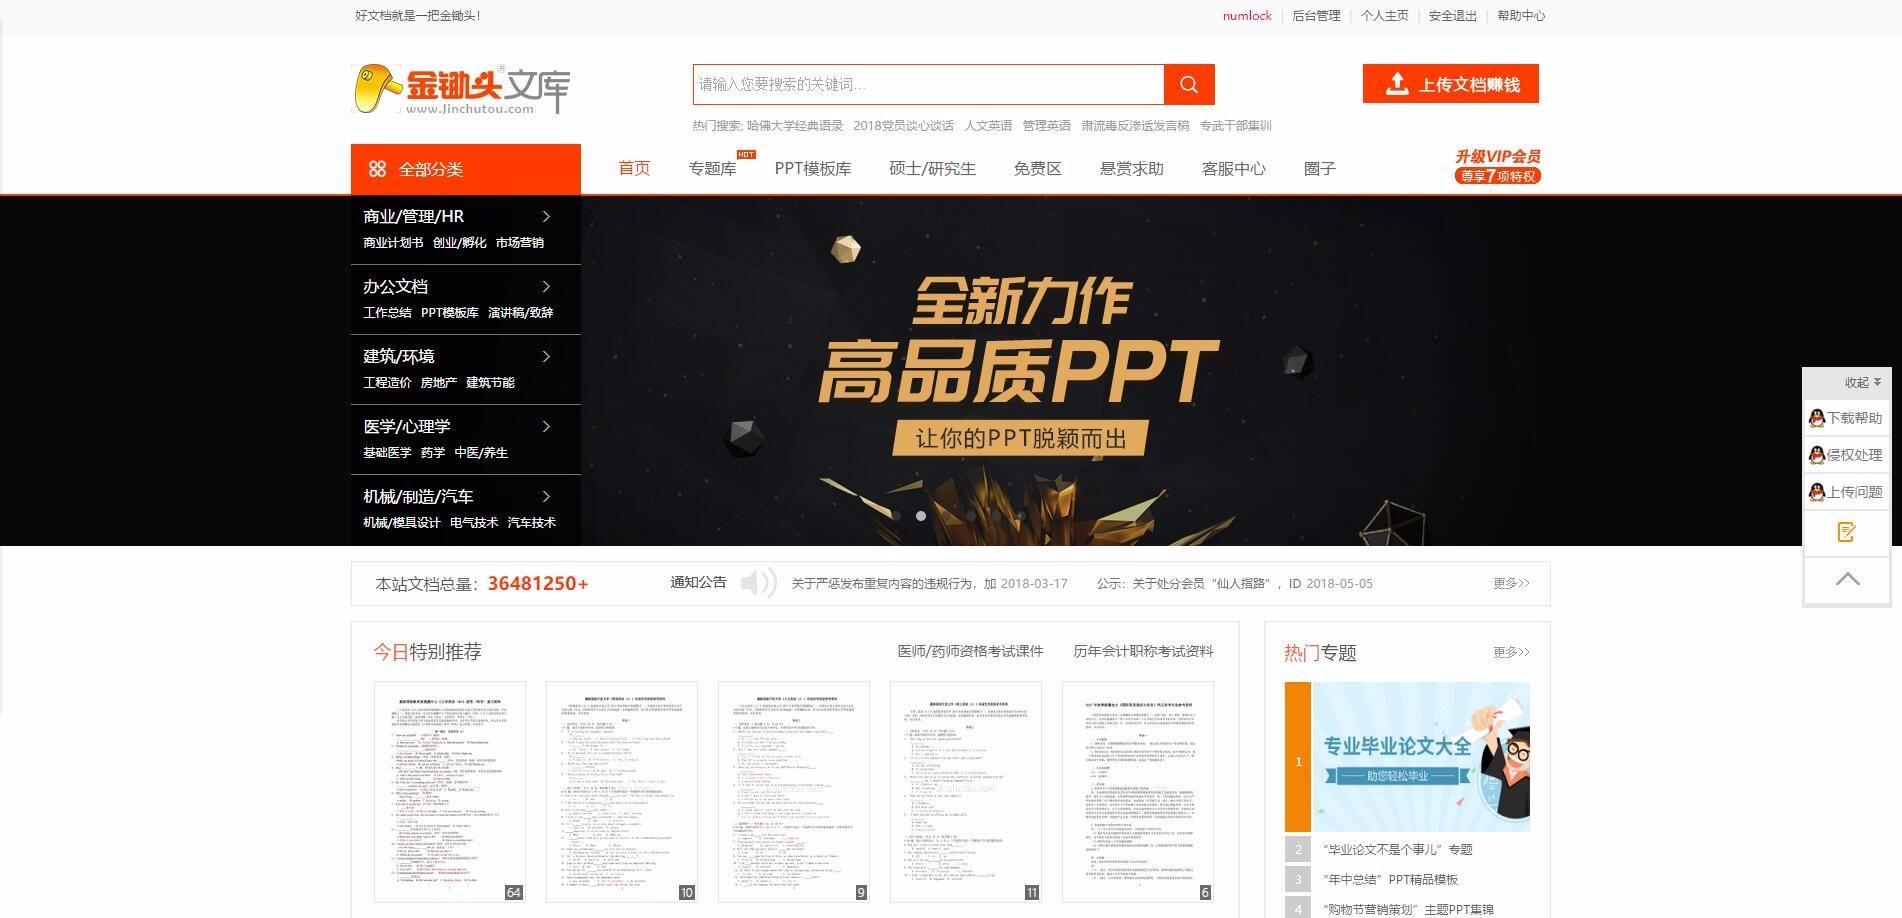 【必应网站收录】_微软bing国际版 网站